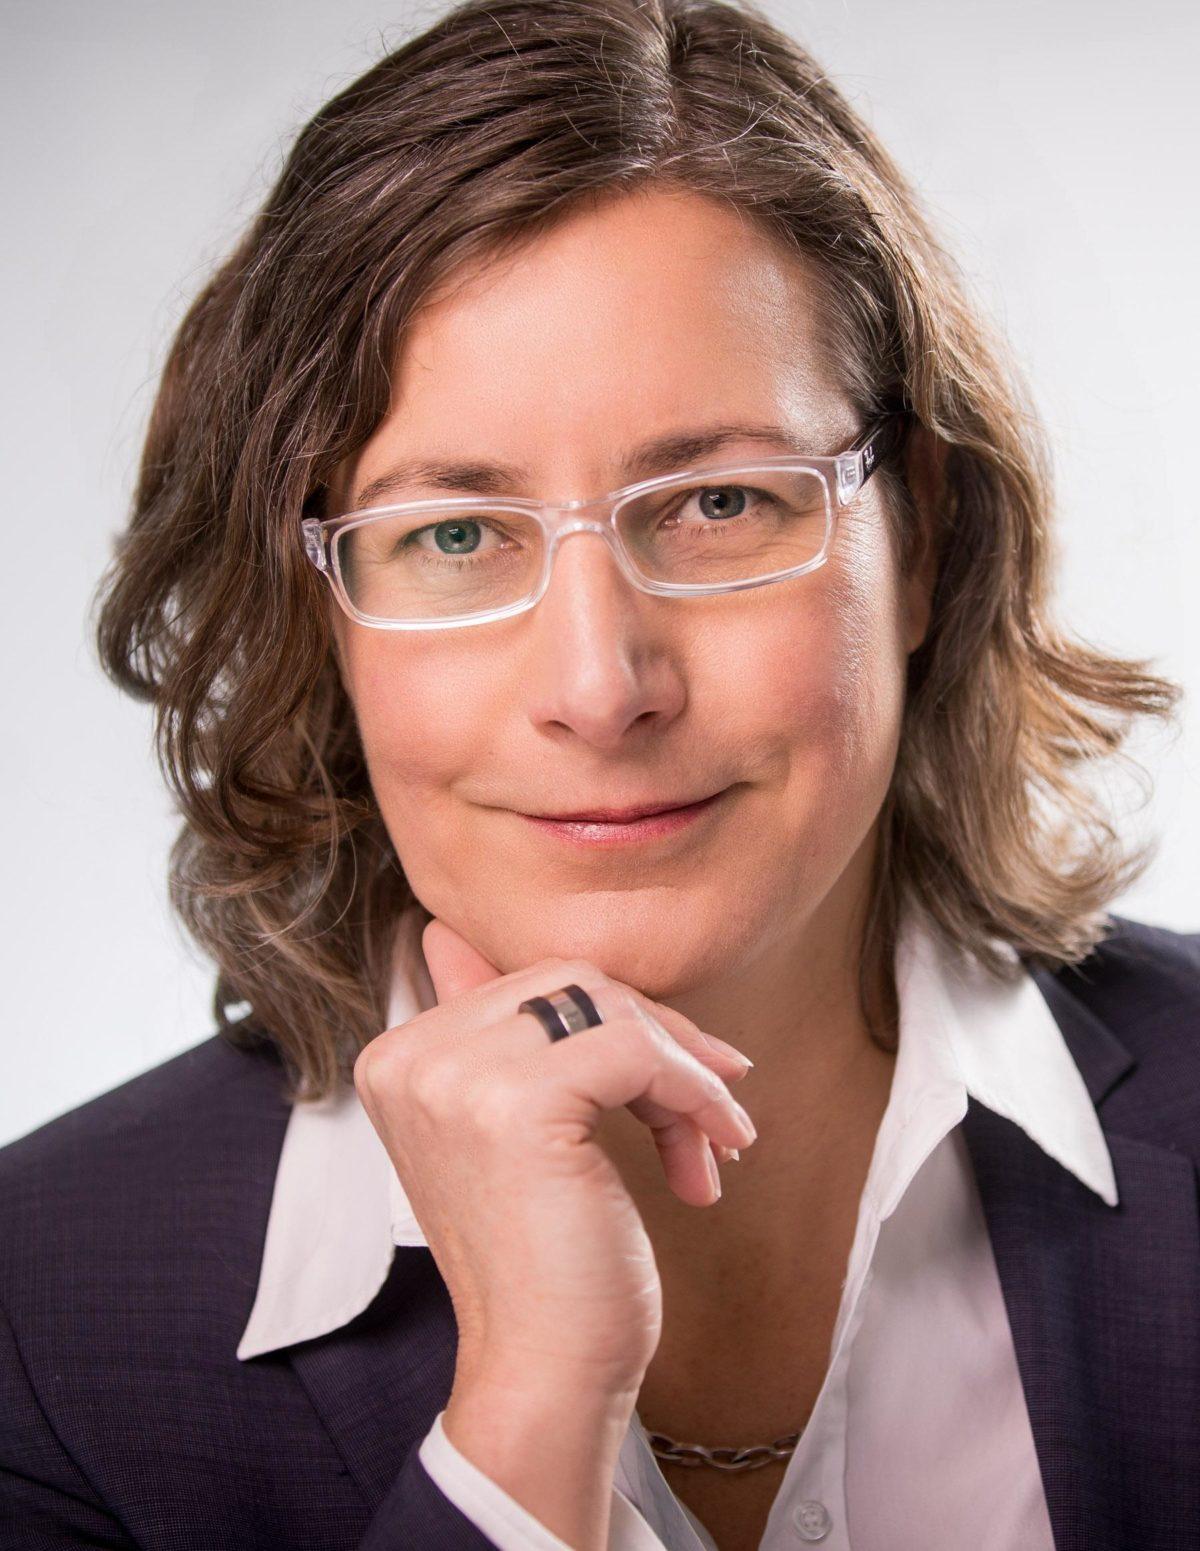 Tina Beuchler